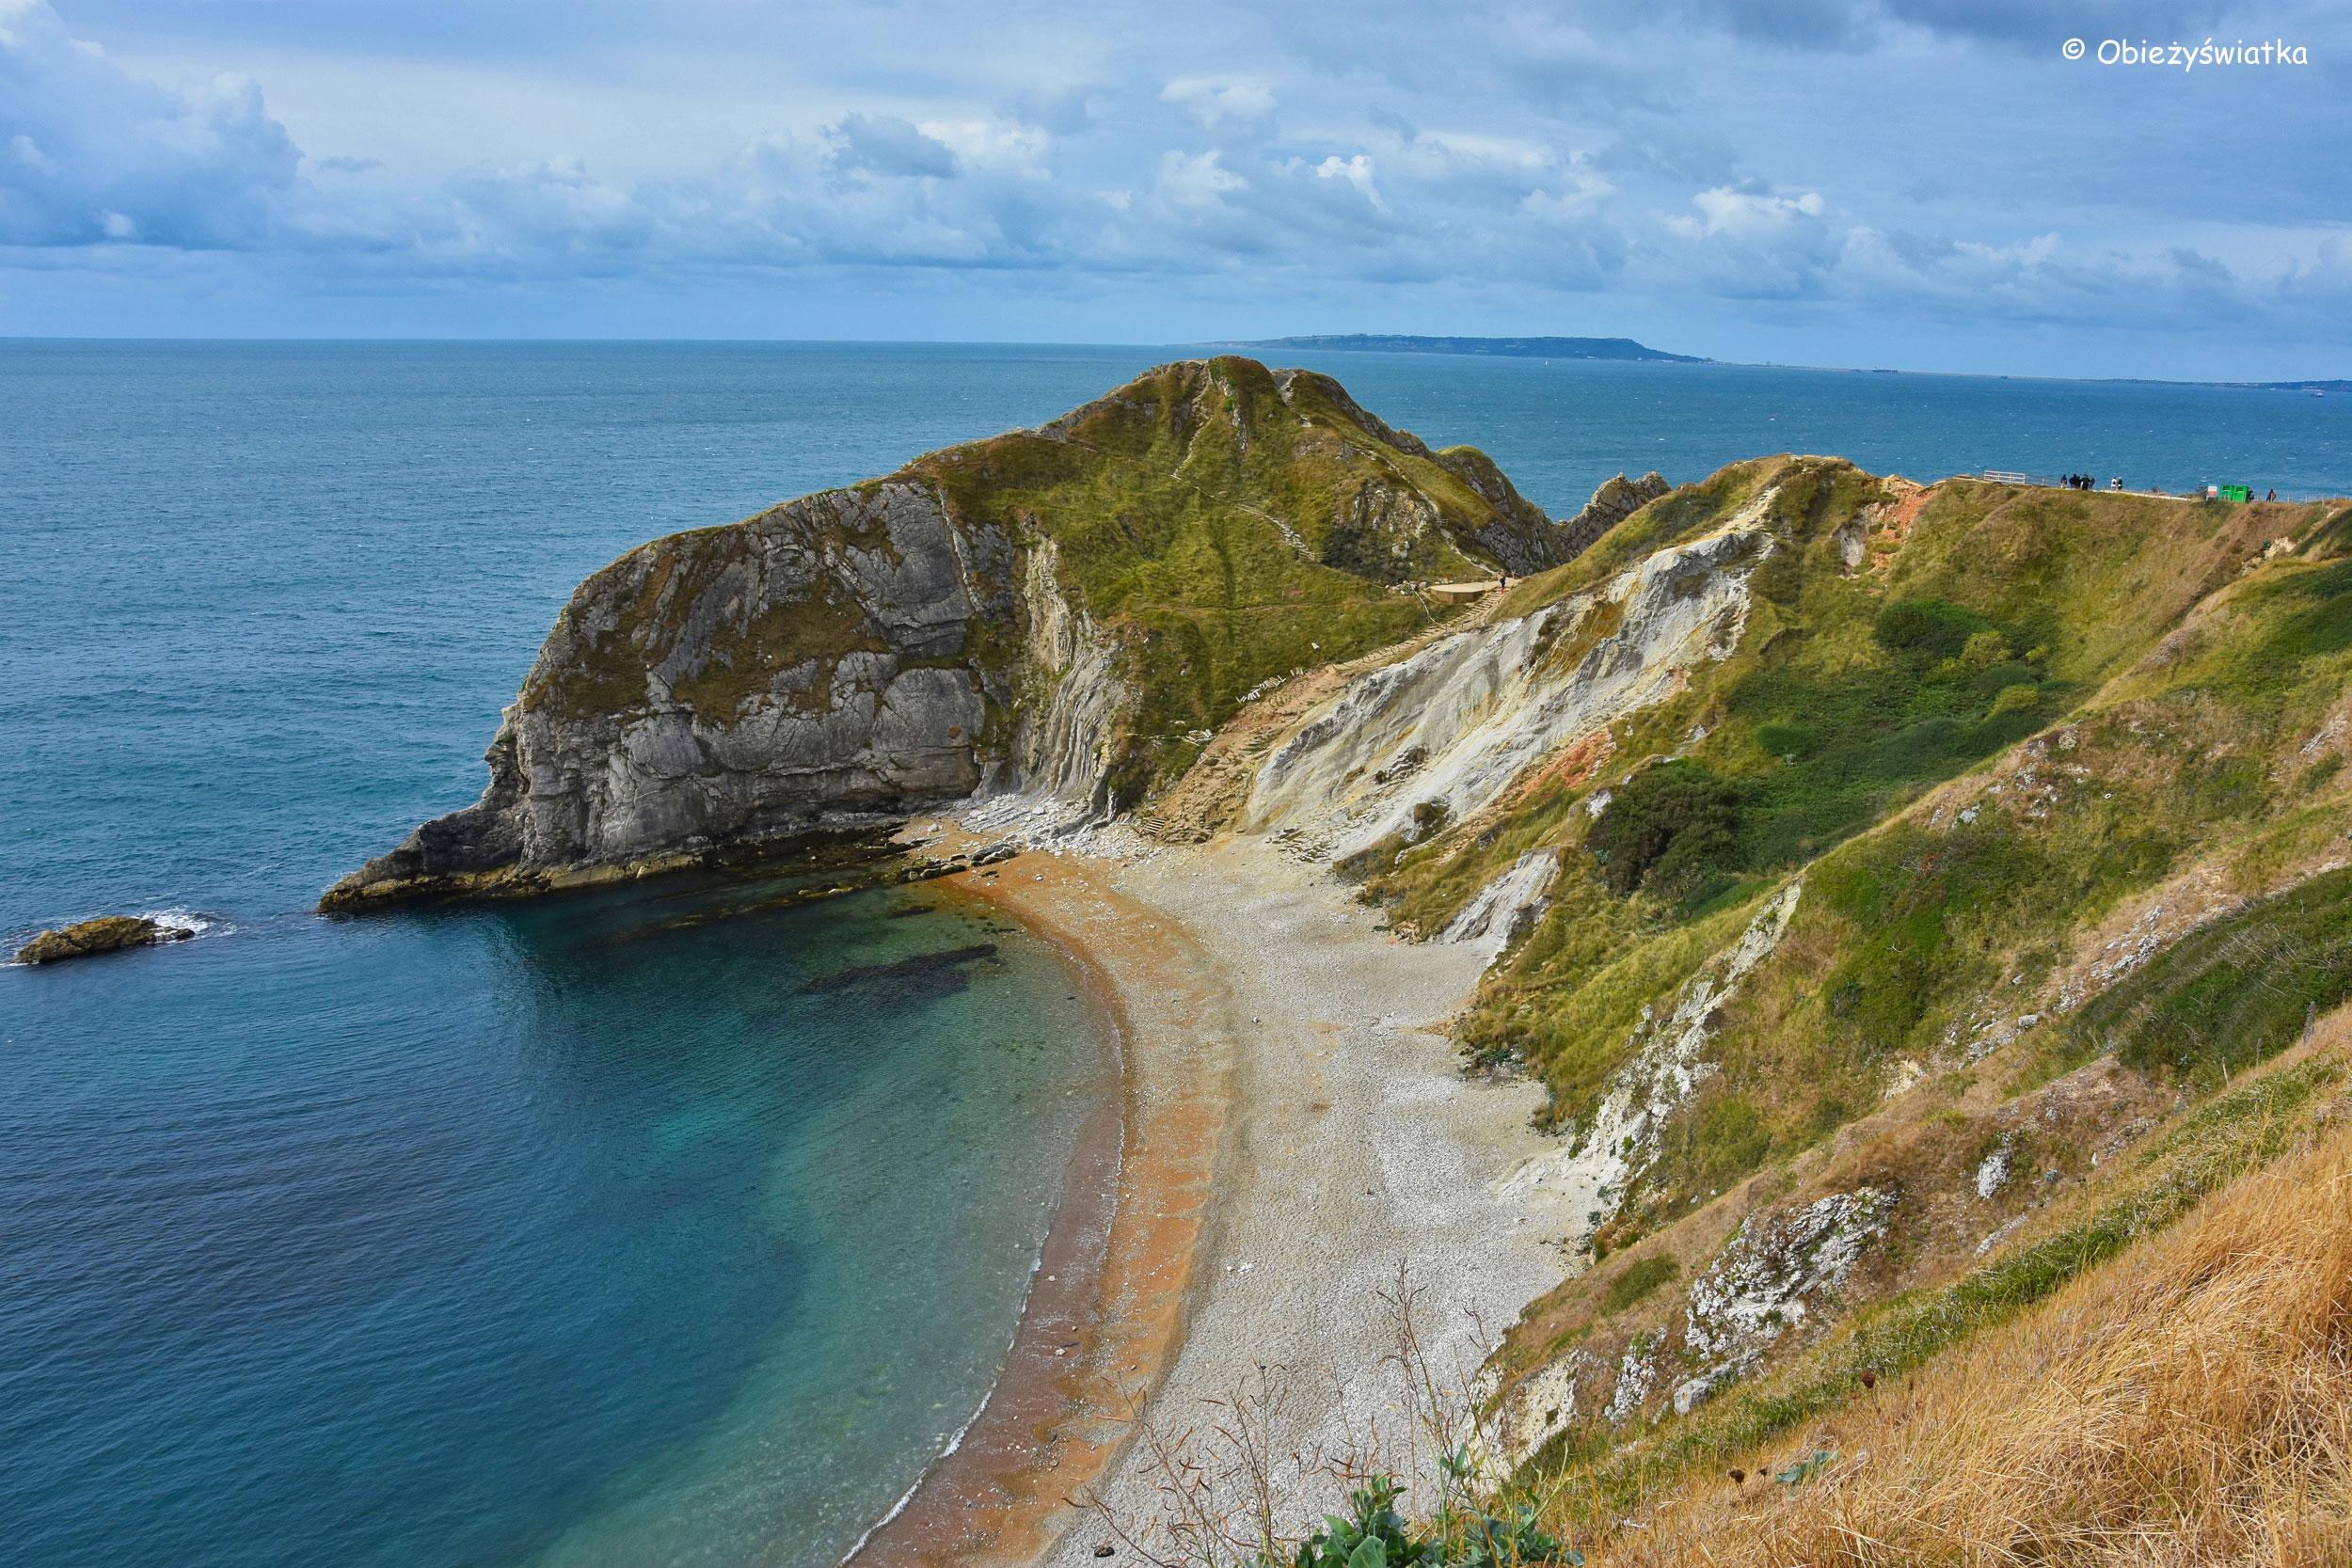 Błękit wody i biel klifów - Jurassic Coast, UK